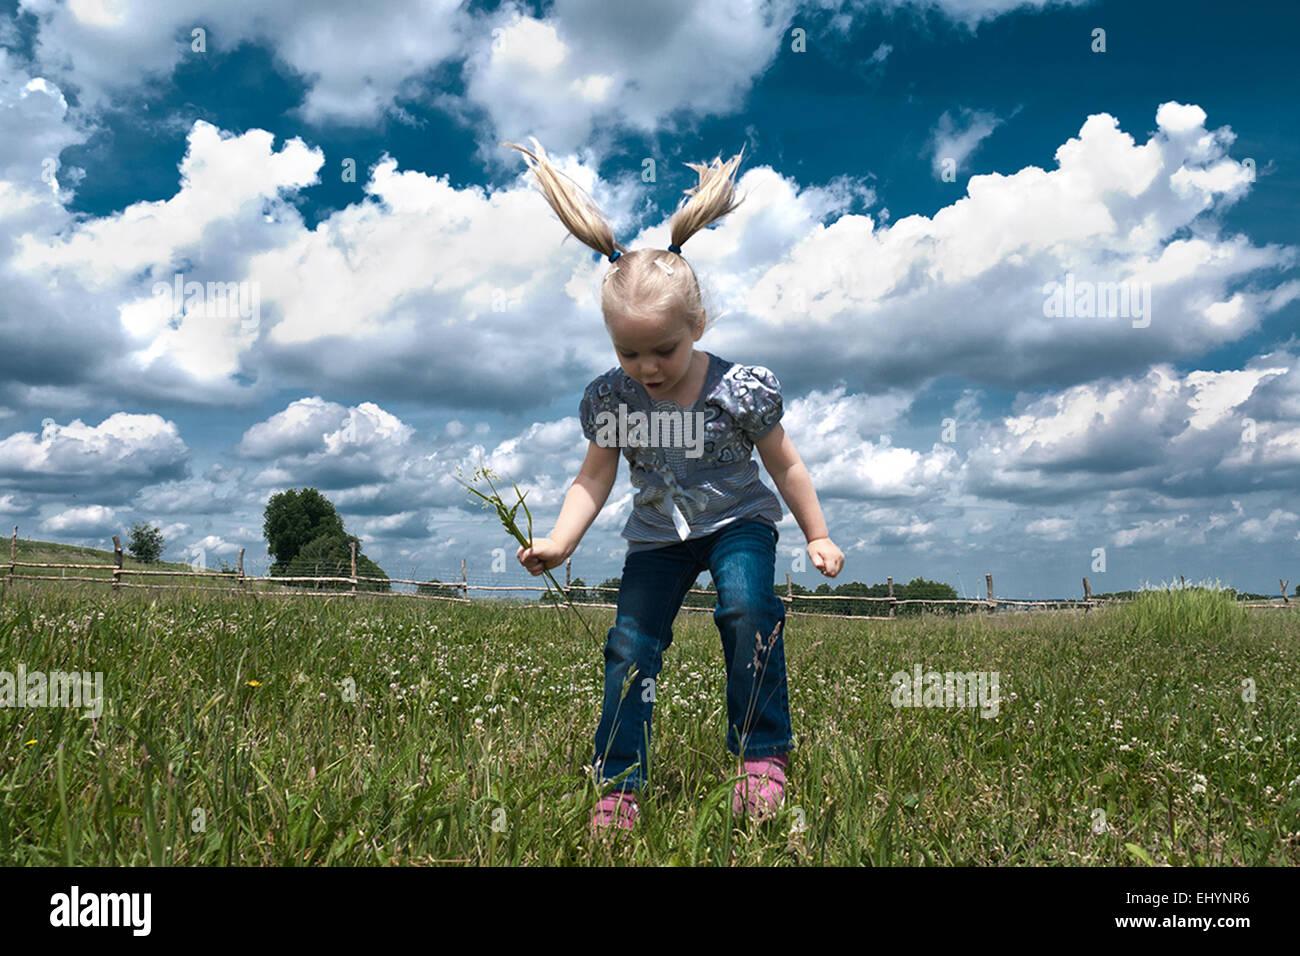 Chica saltando en el aire Imagen De Stock